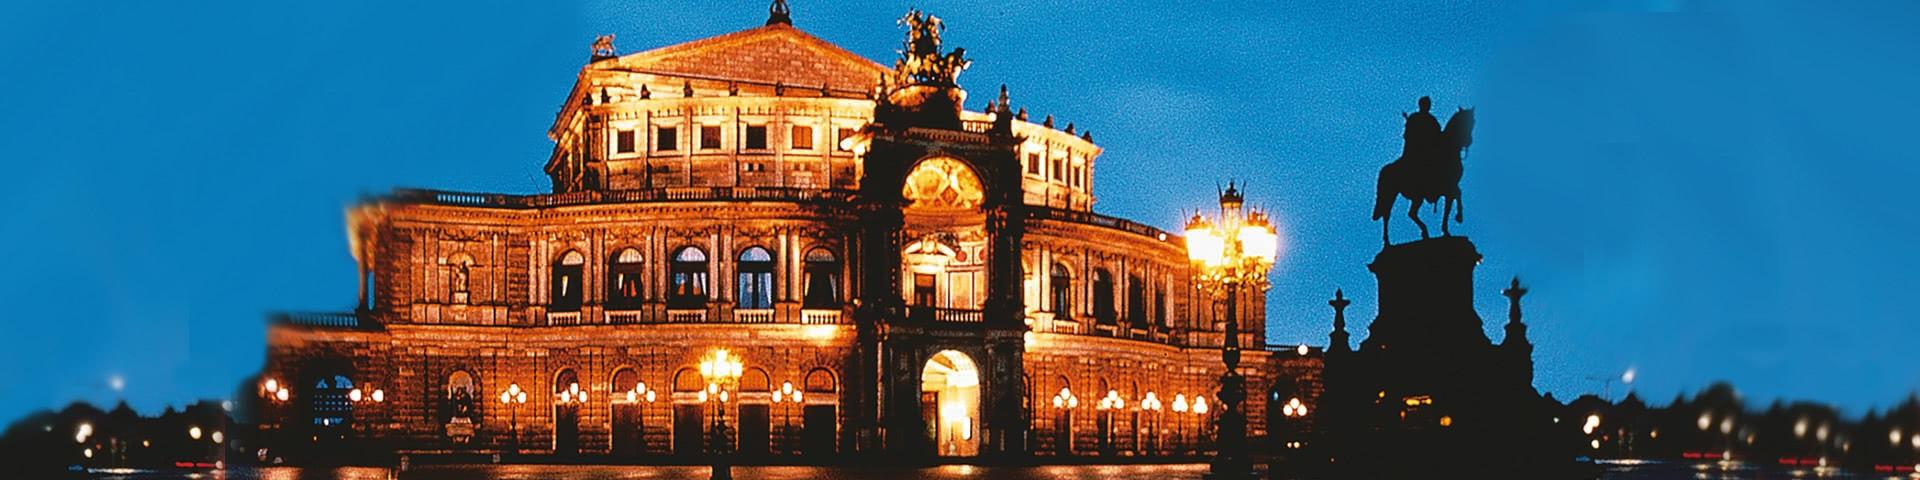 Semper-Oper in Dresden bei Nacht